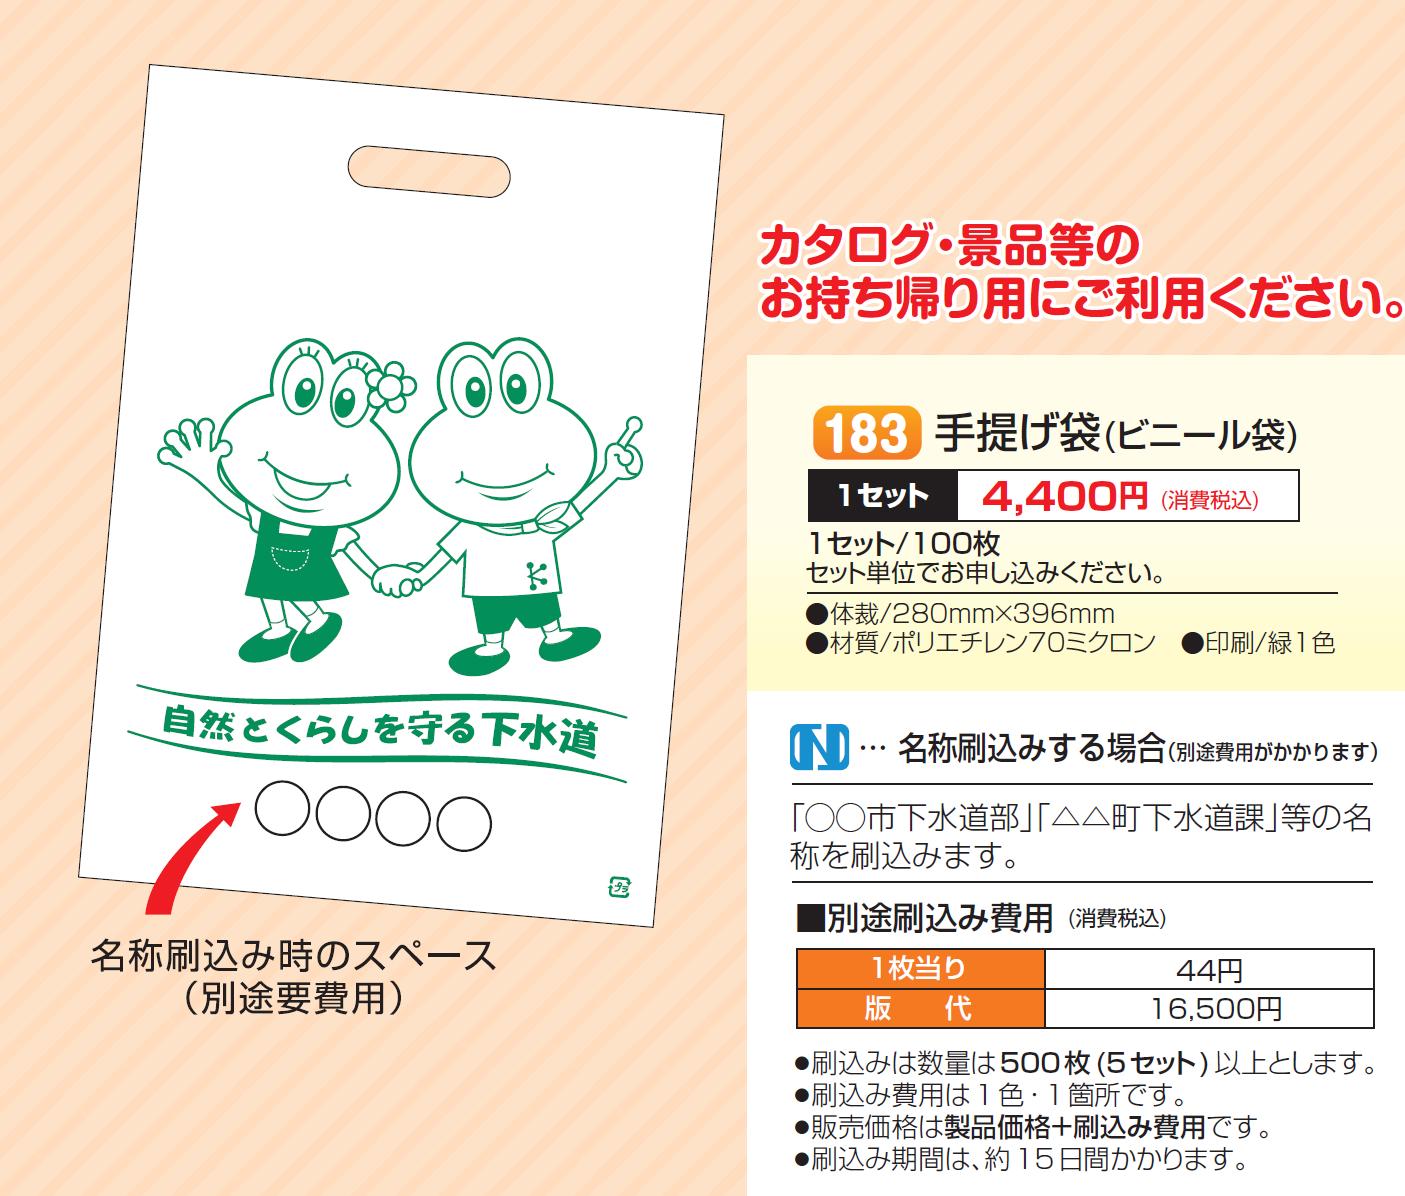 【製品No.183】手提げ袋(ビニール袋)